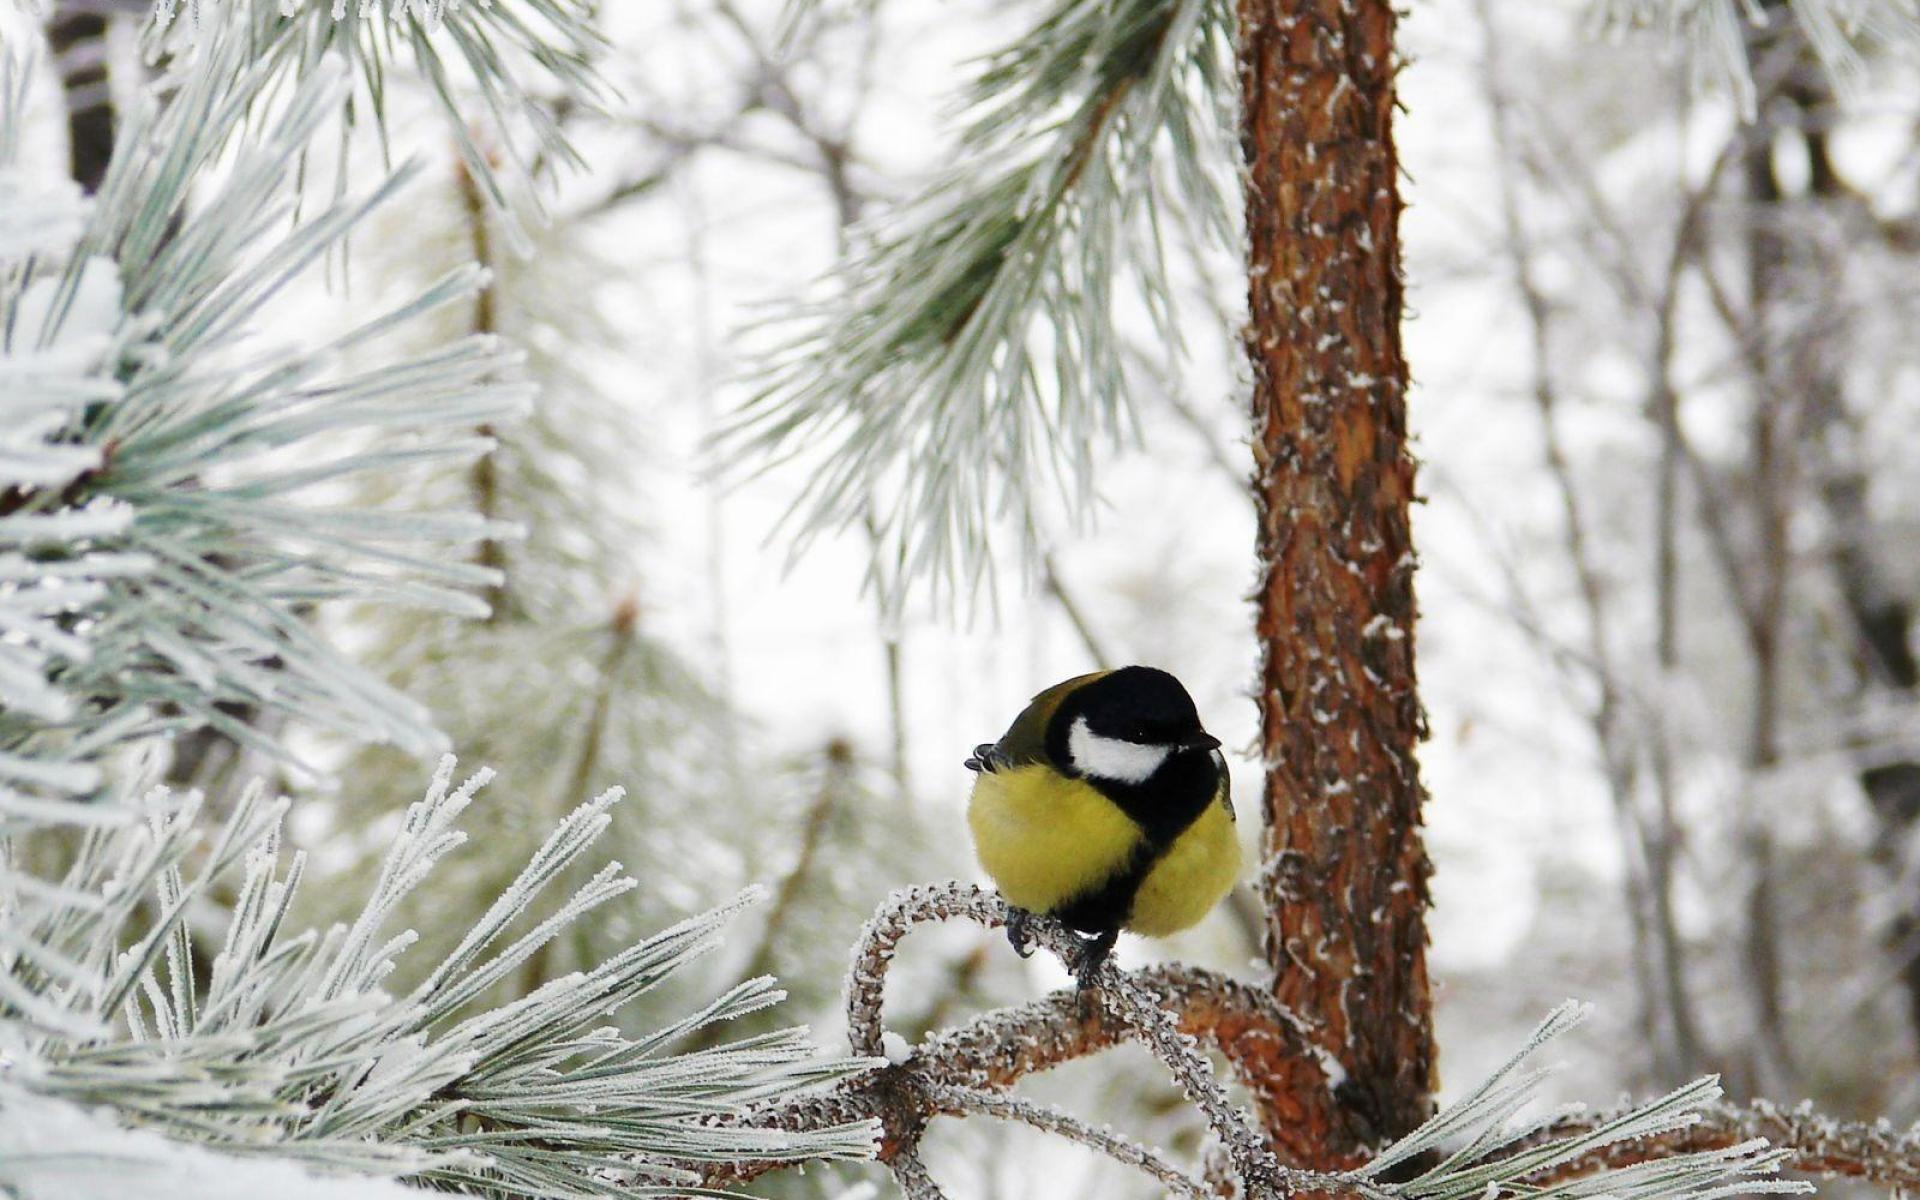 Widescreen Winter Bird Wallpaper - WallpaperSafari